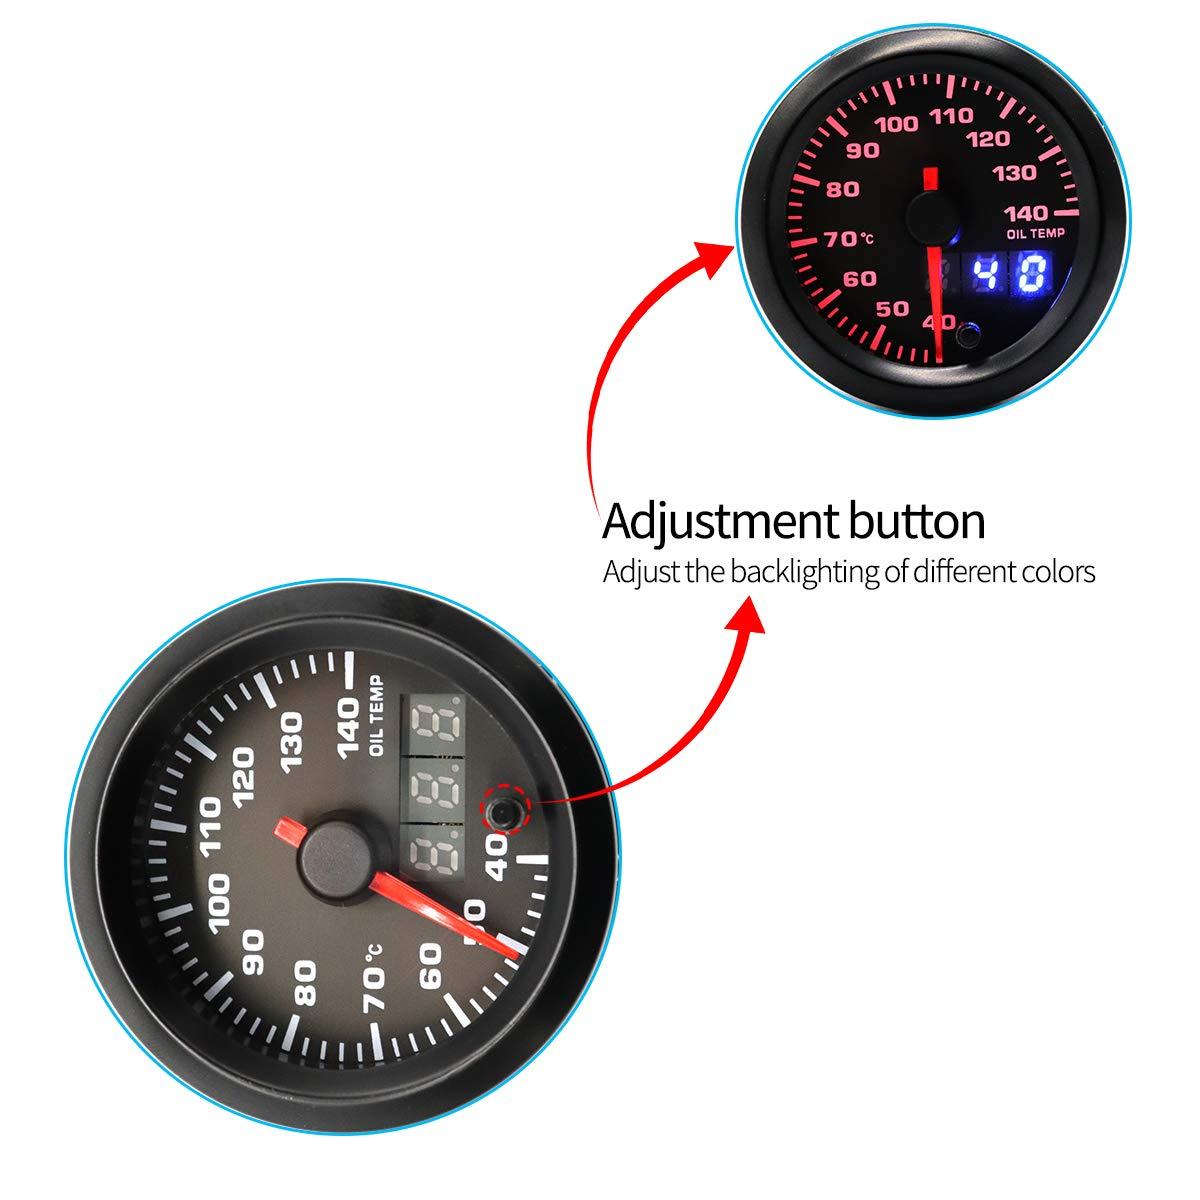 Vosarea Modifizierte Auto-Instrument 12V-Hintergrundbeleuchtung einstellbar 40140 /Öltemperaturanzeige